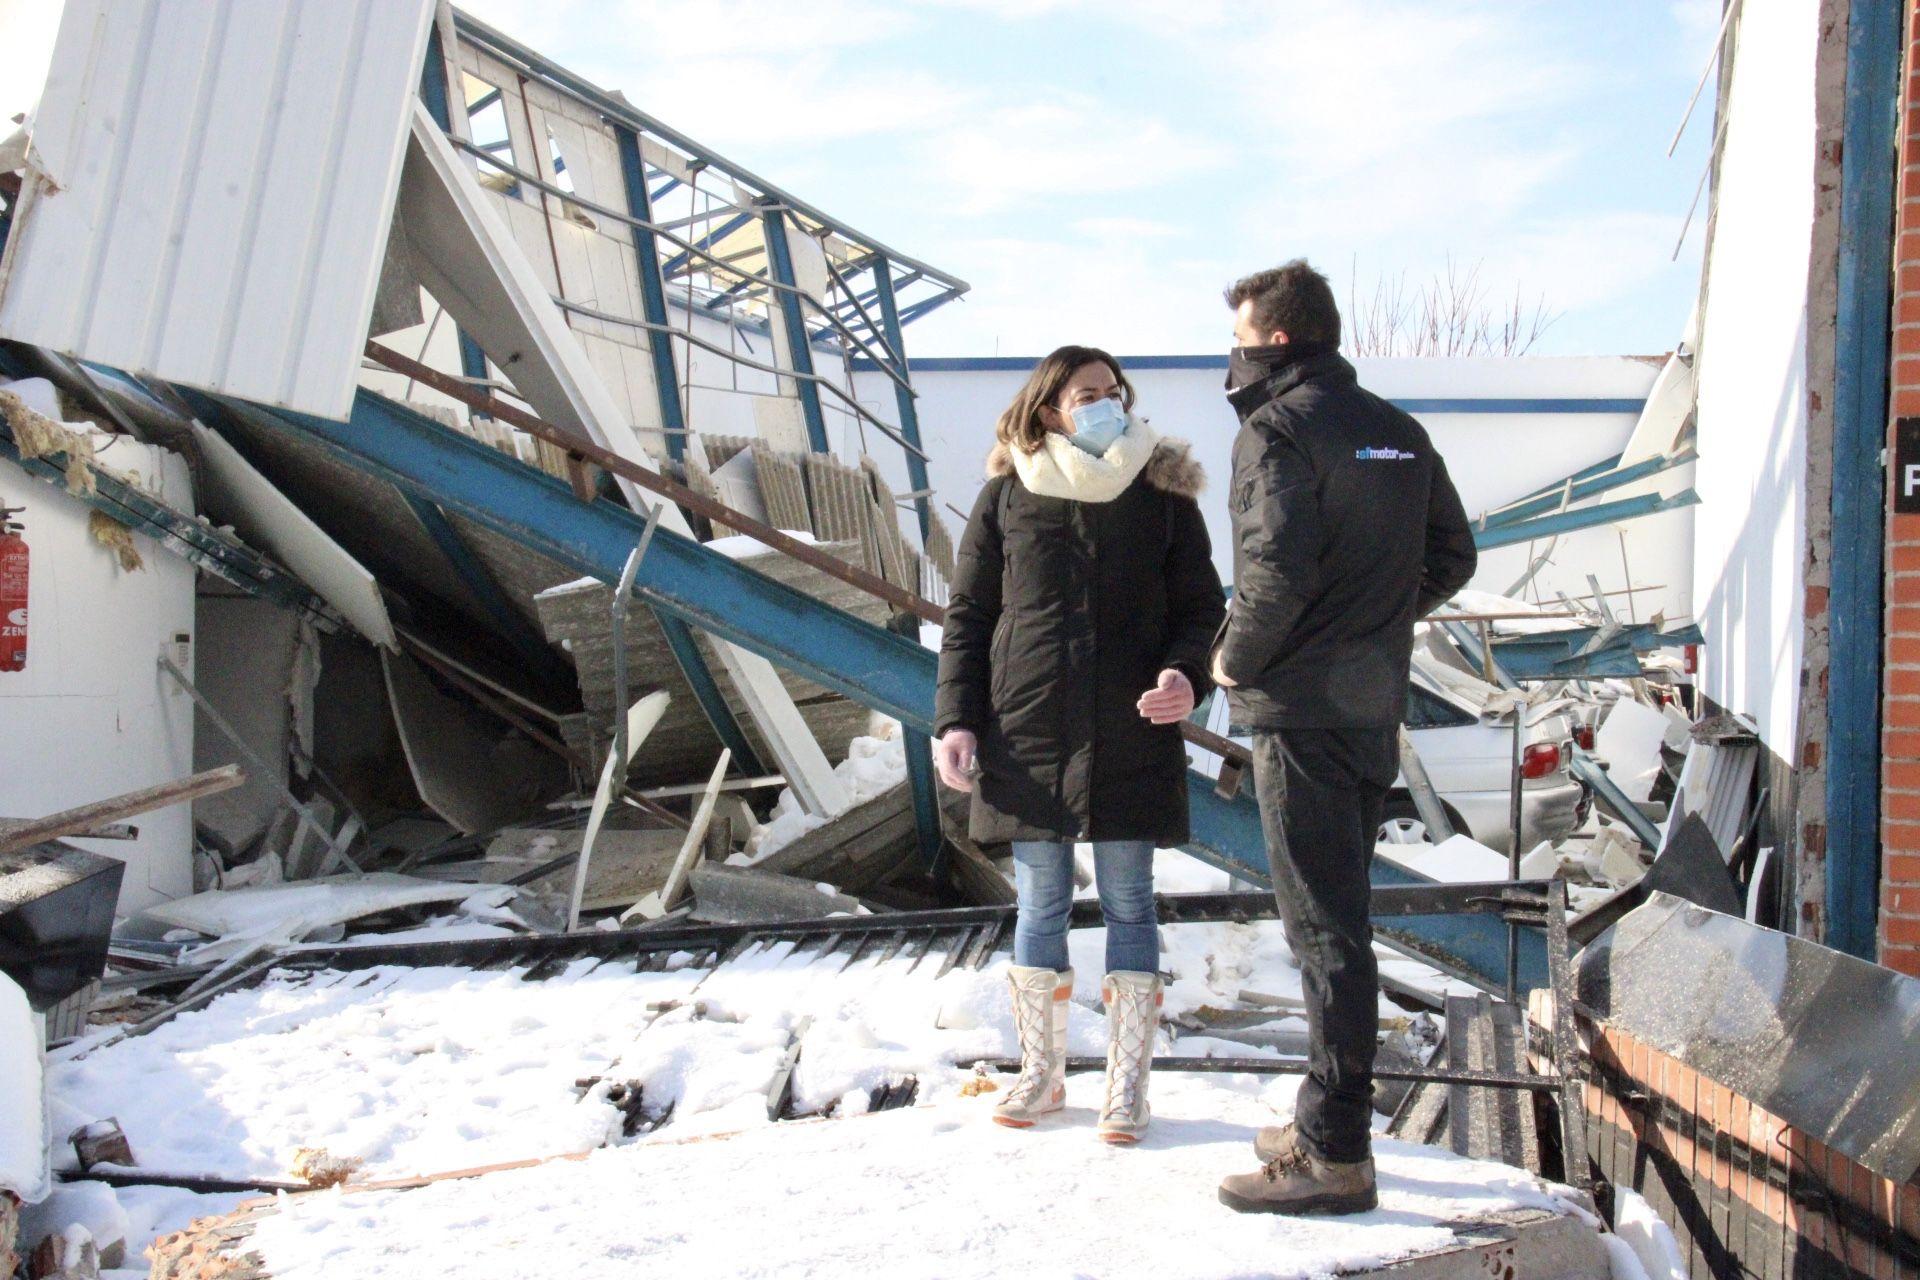 Alonso insta al Ayuntamiento a solicitar ya la declaración de la ciudad como zona catastrófica